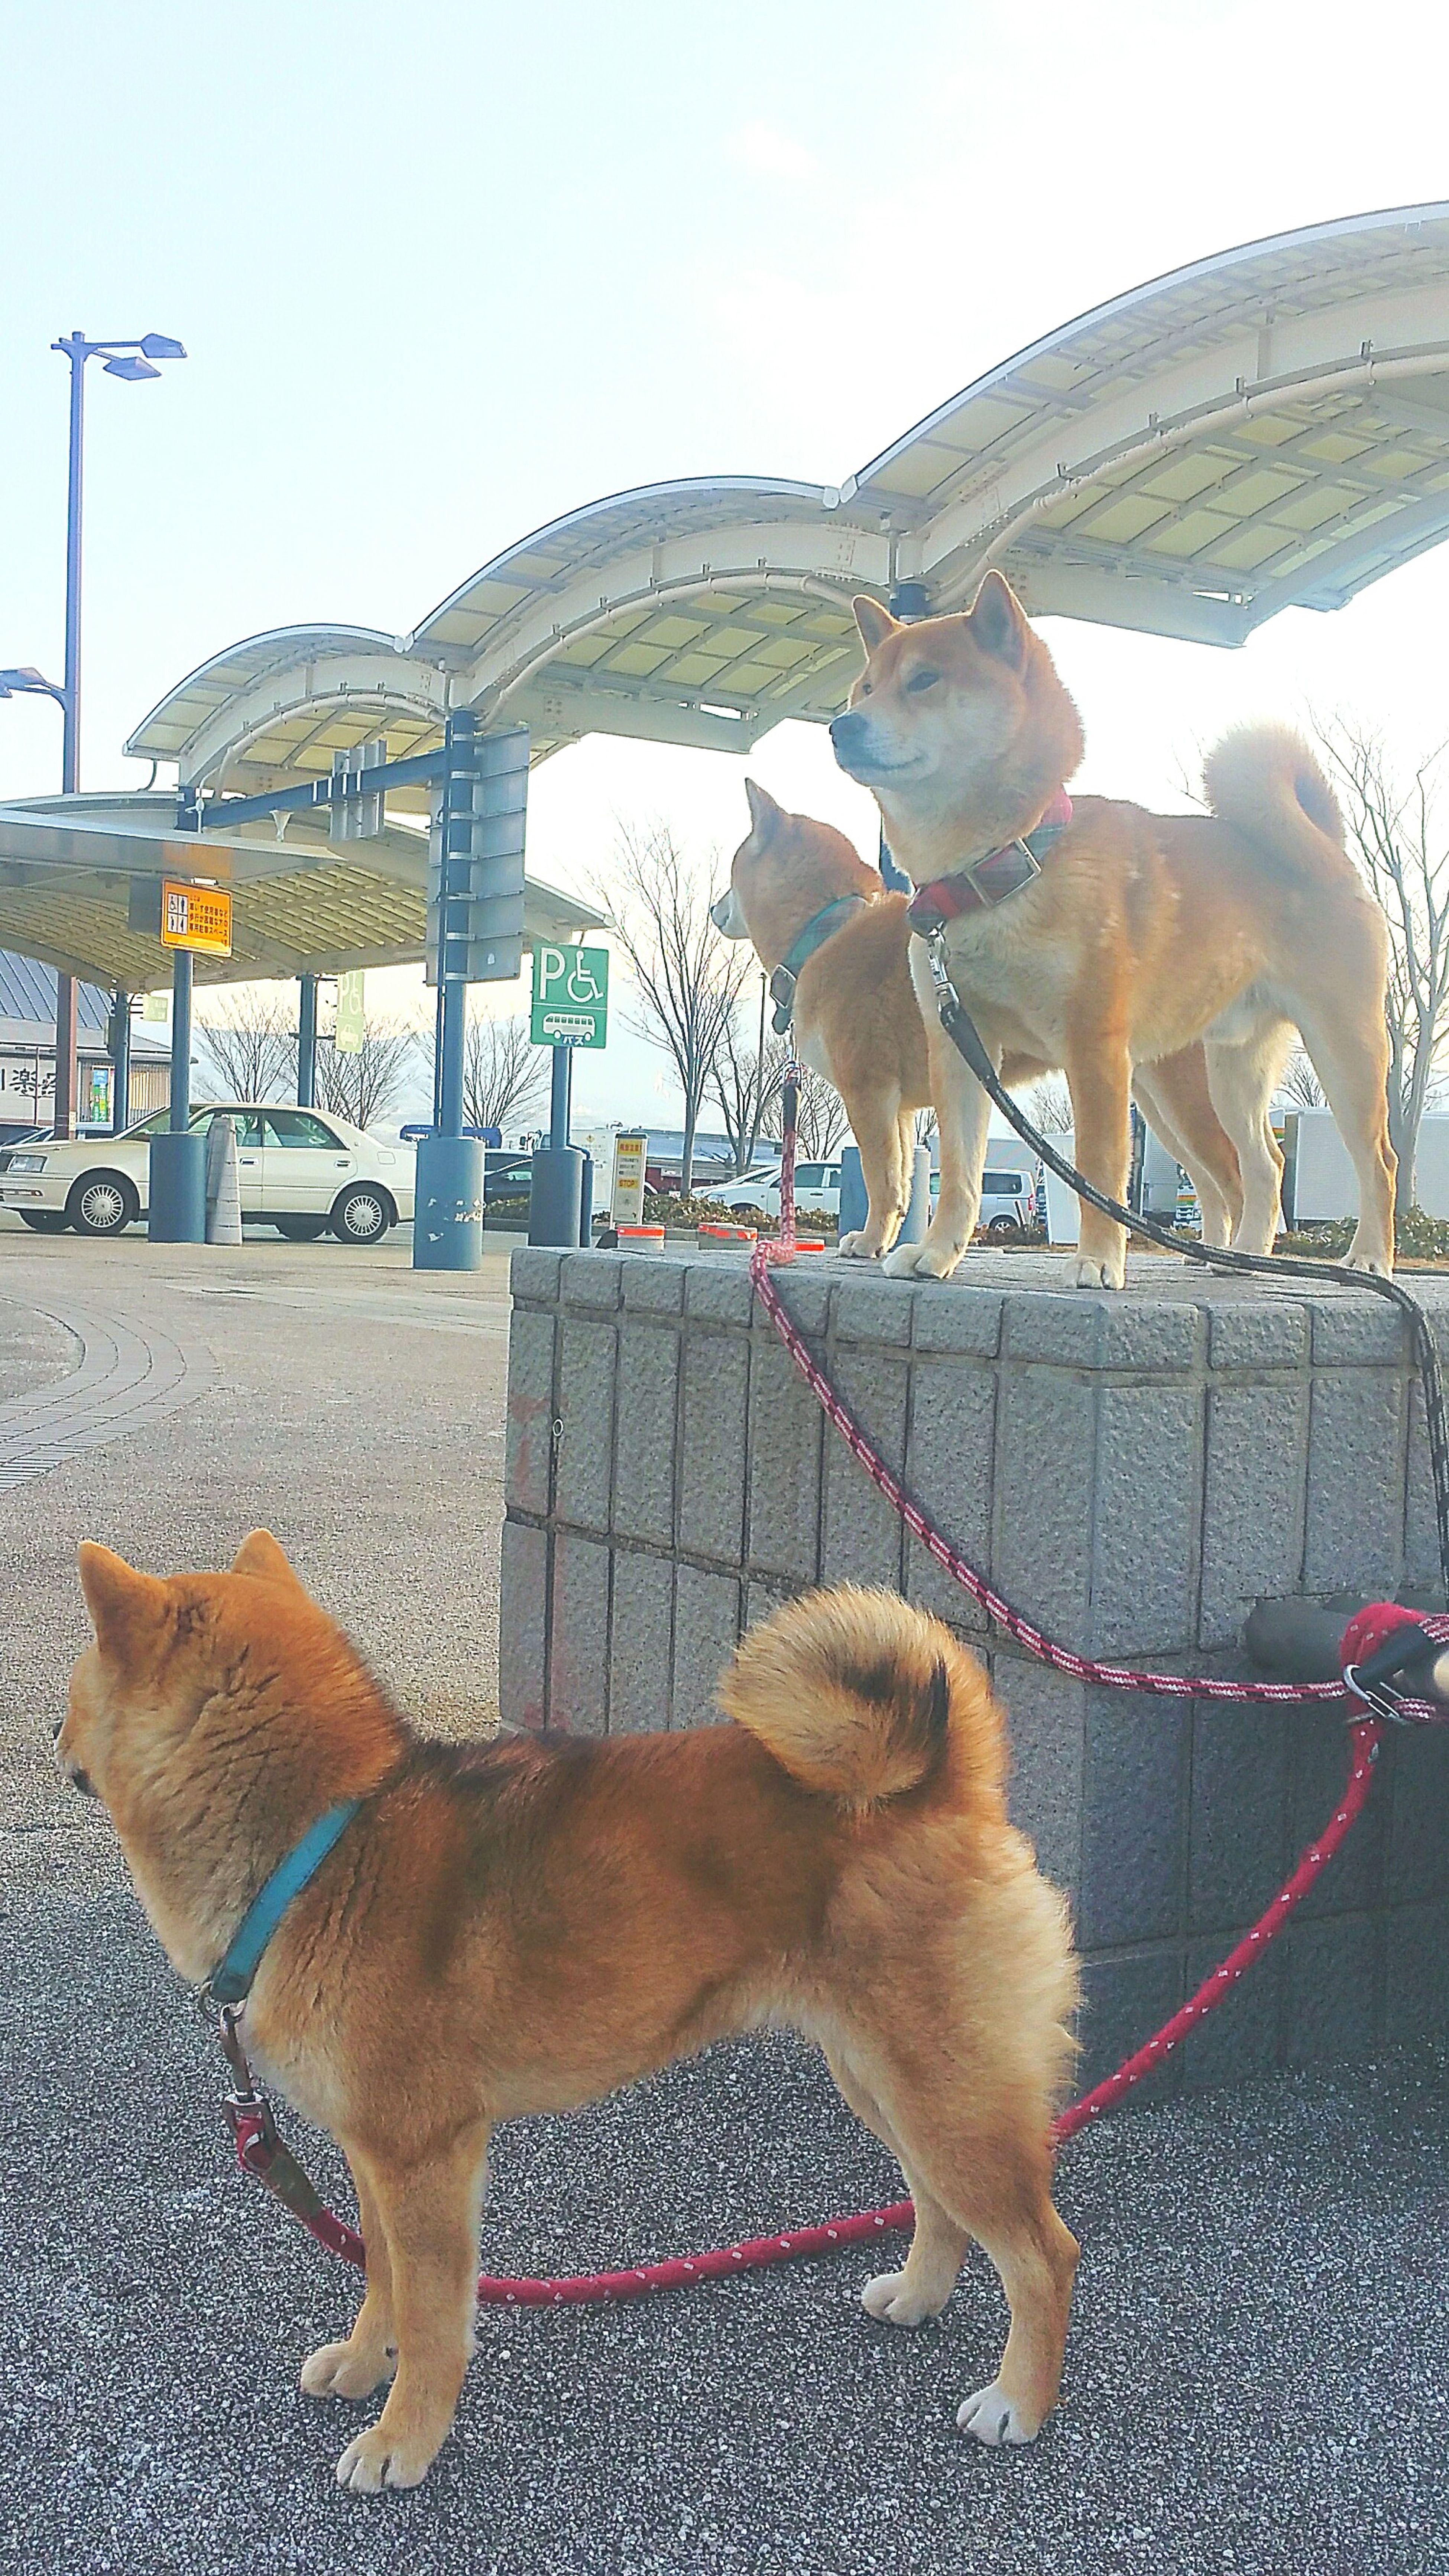 わんこのお散歩は息子達の役目なのですが、ここのところ時間的な余裕があるので、私が行っております。今朝のパトロールの様子。上の左が母イヌ奈々、右が父イヌ駆、下にいるのが二人の子供なっつ。立ち姿が柴犬、凛々しい! 柴犬 柴犬なっつ Shiba Inu Dog Pets Good Morning おはようございます Hello World 富士市 富士川SA 今日もhappy お散歩